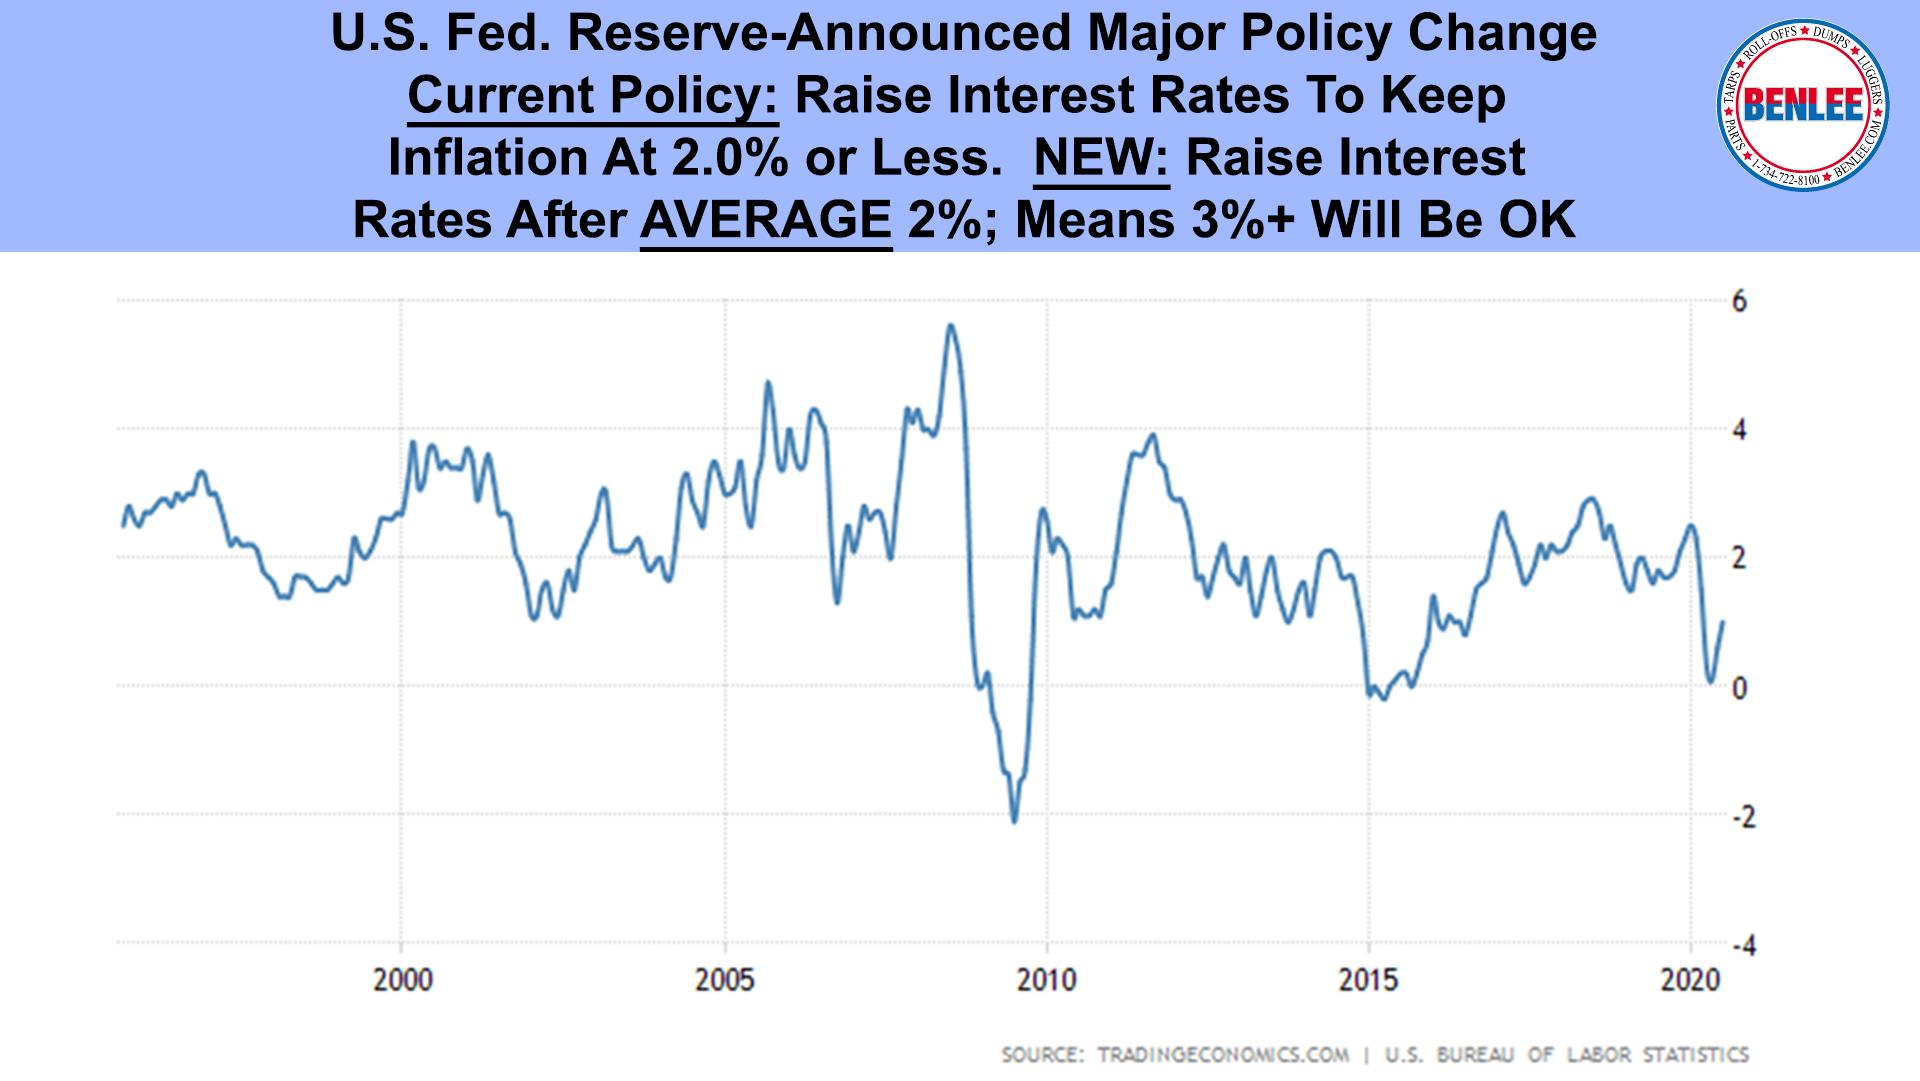 U.S. Fed. Reserve